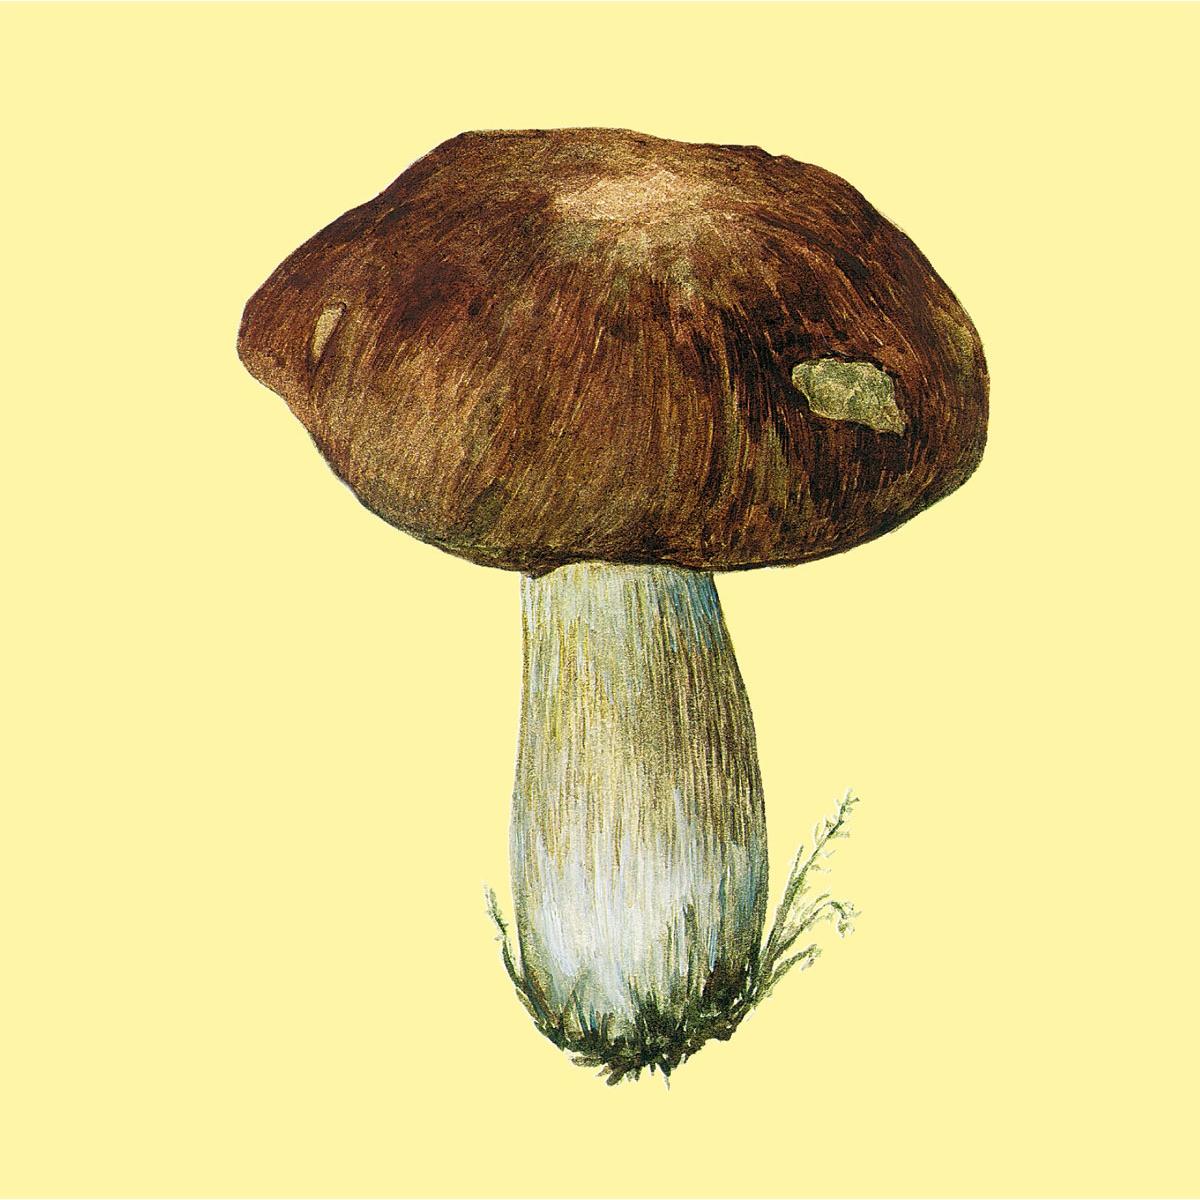 Красивые картинки грибов для детей, надписью лысый картинки